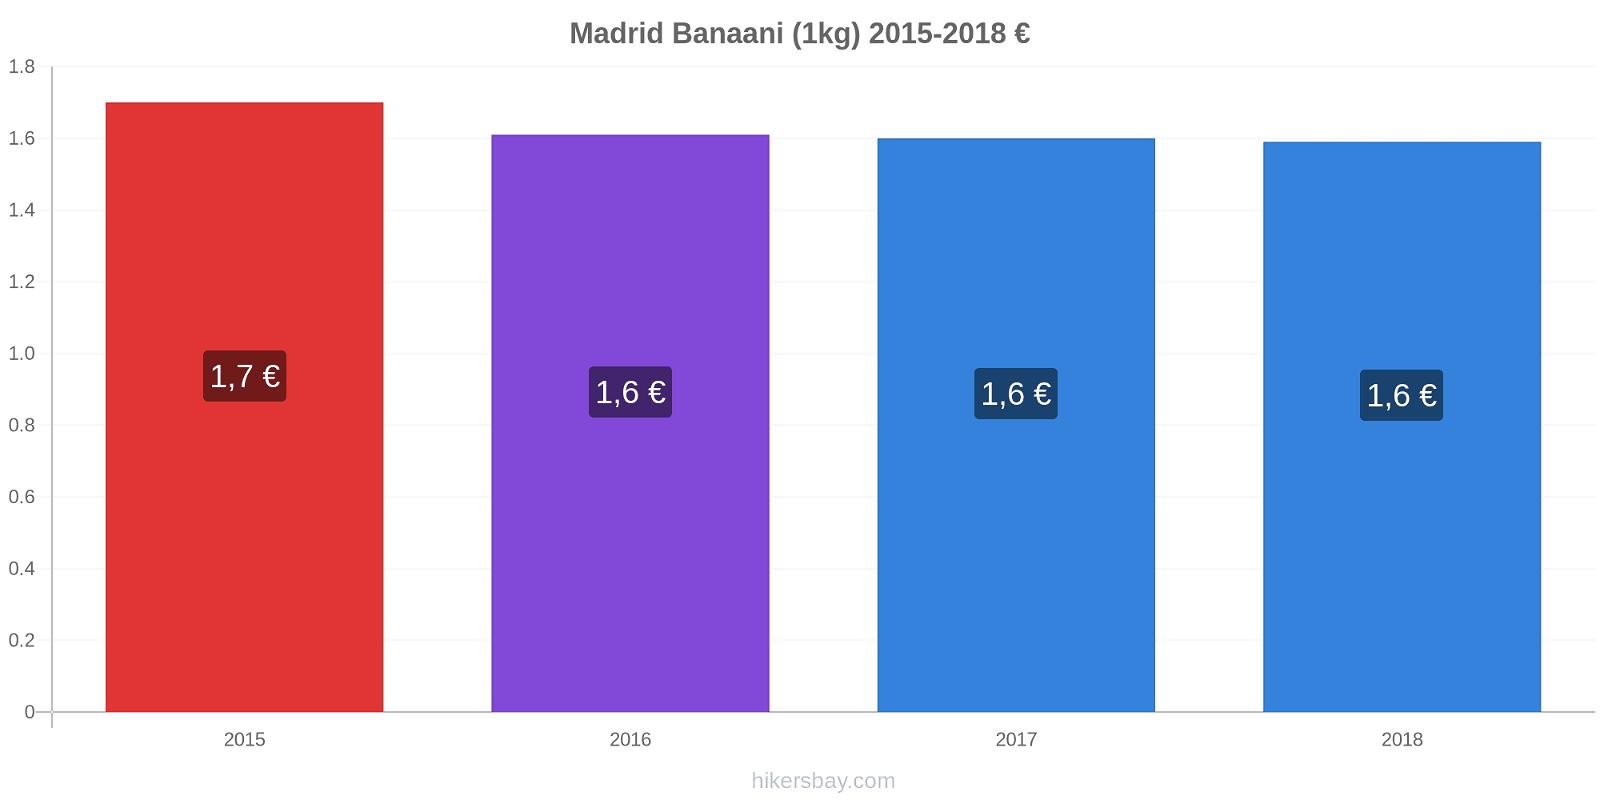 Madrid hintojen muutokset Banaani (1kg) hikersbay.com